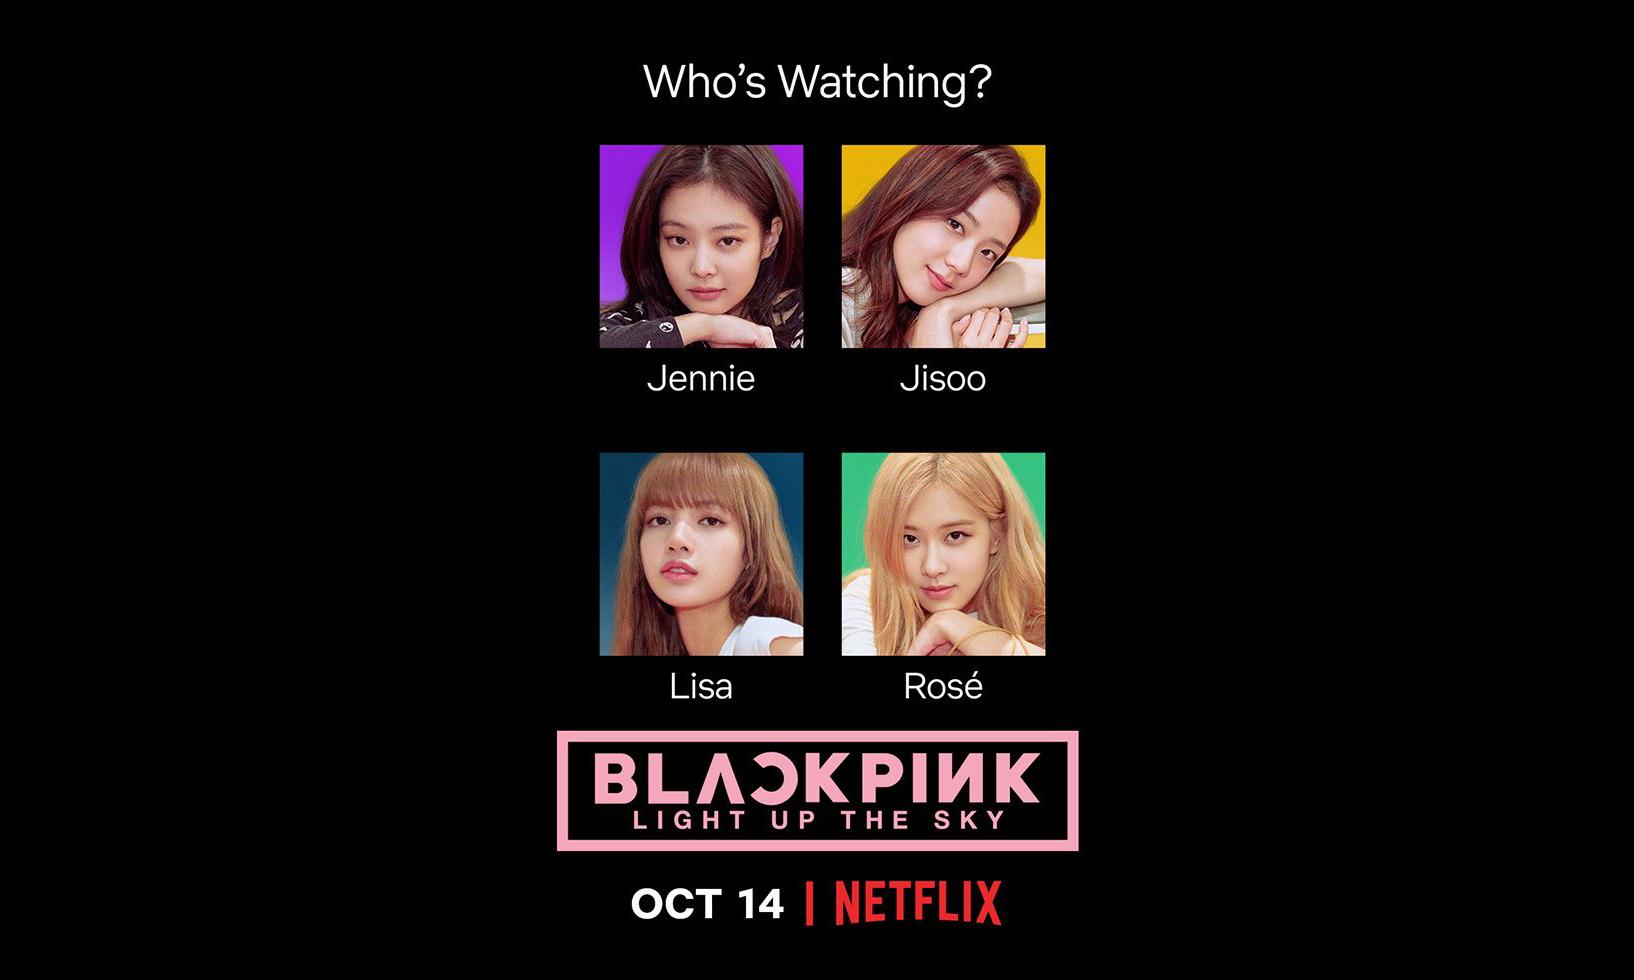 BLACKPINK 成为 Netflix 首支 K-POP 纪录片主人公